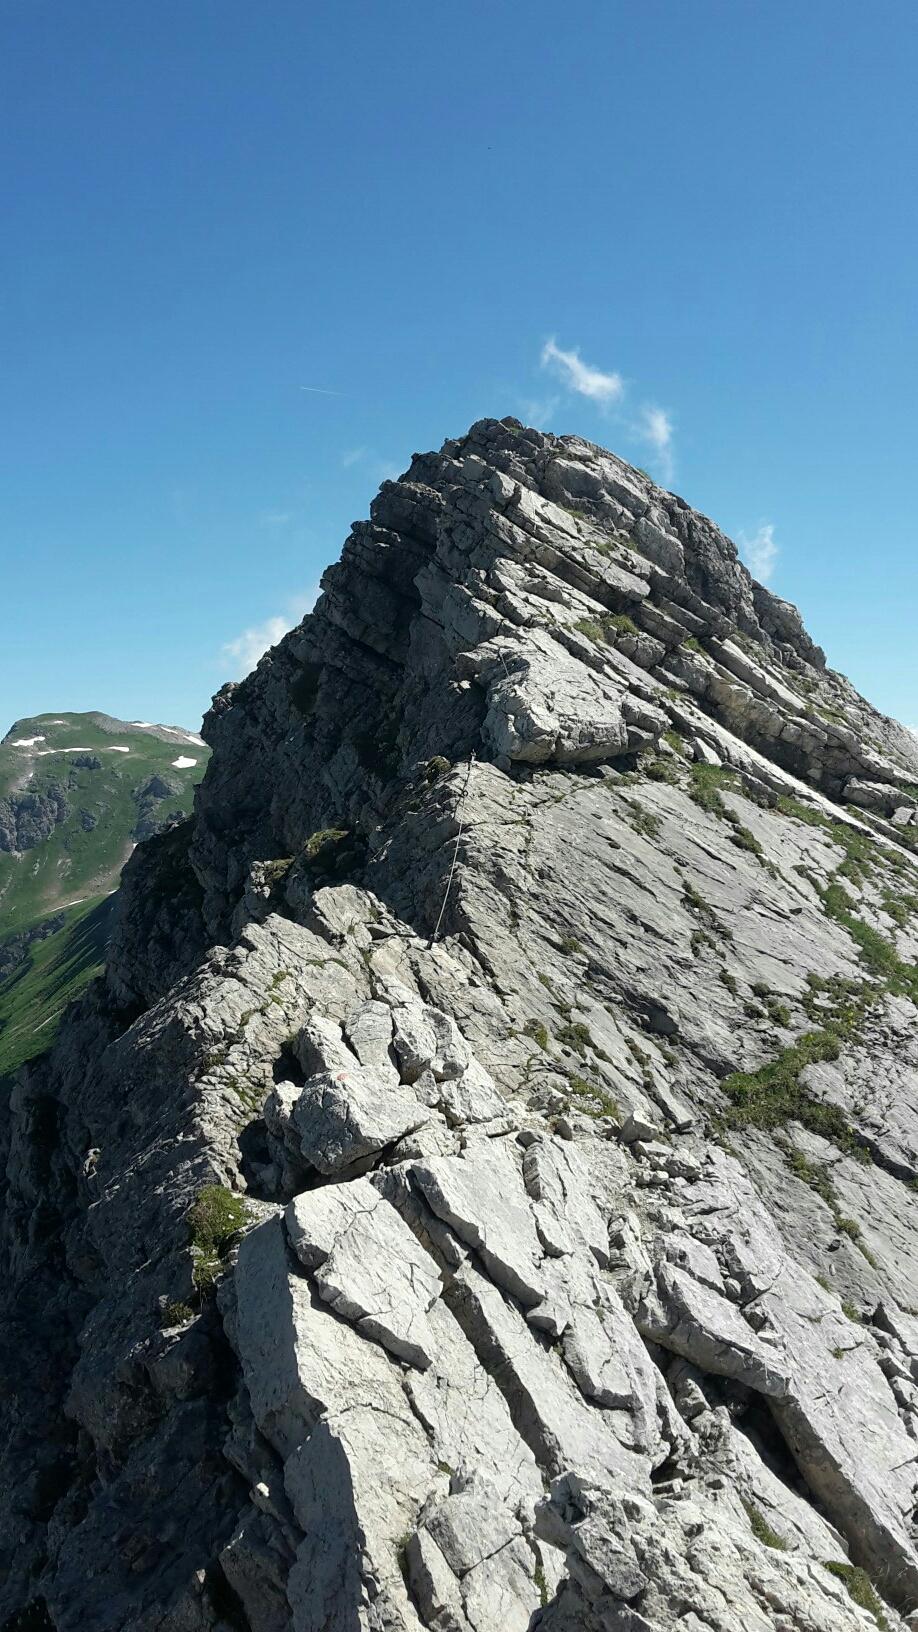 Klettersteig Bad Hindelang : Salewa klettersteig bad hindelang stadtkindwandern